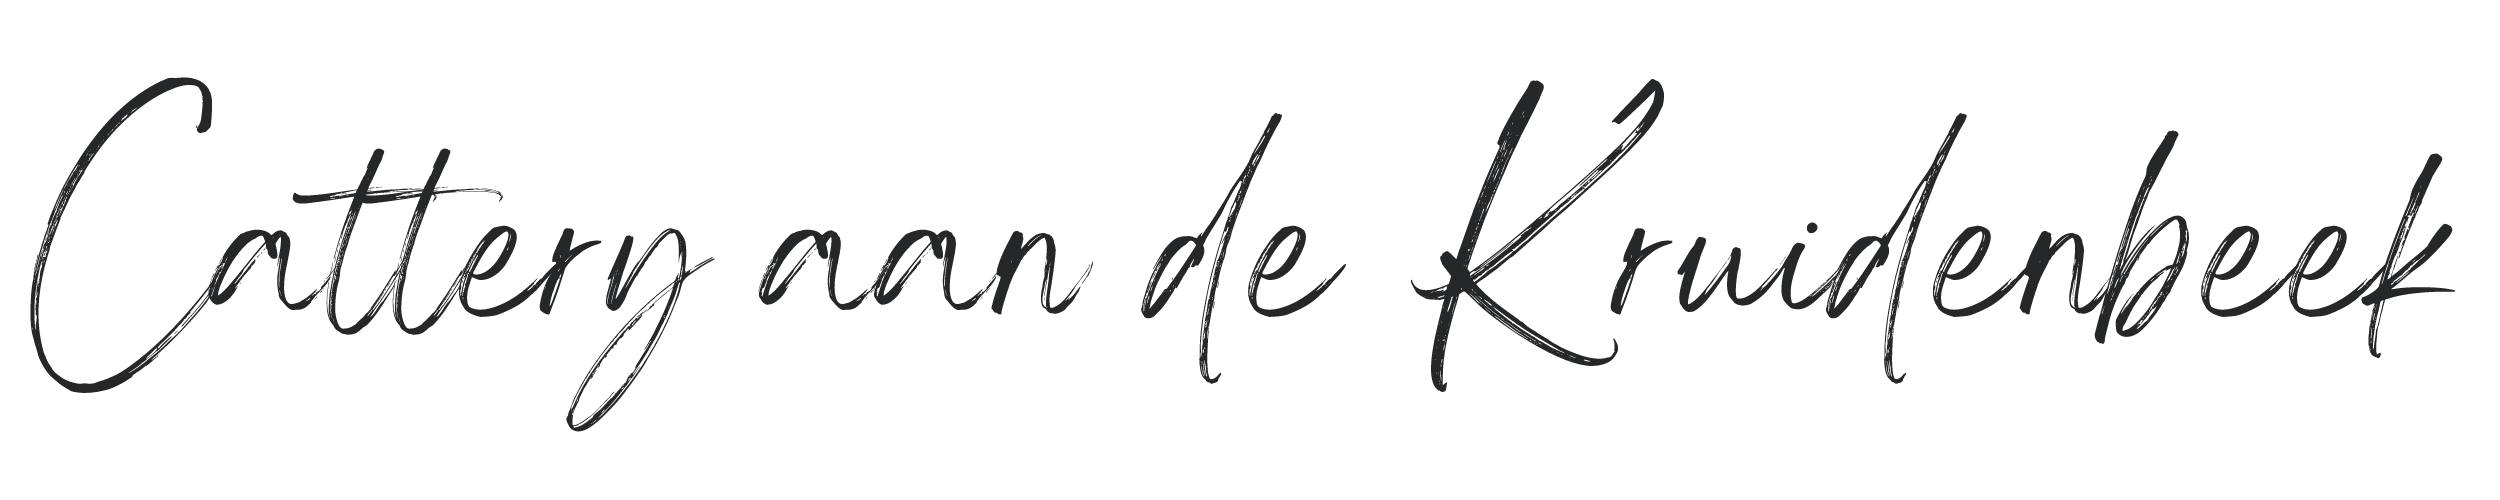 Cattery aan de Kruidenbeek